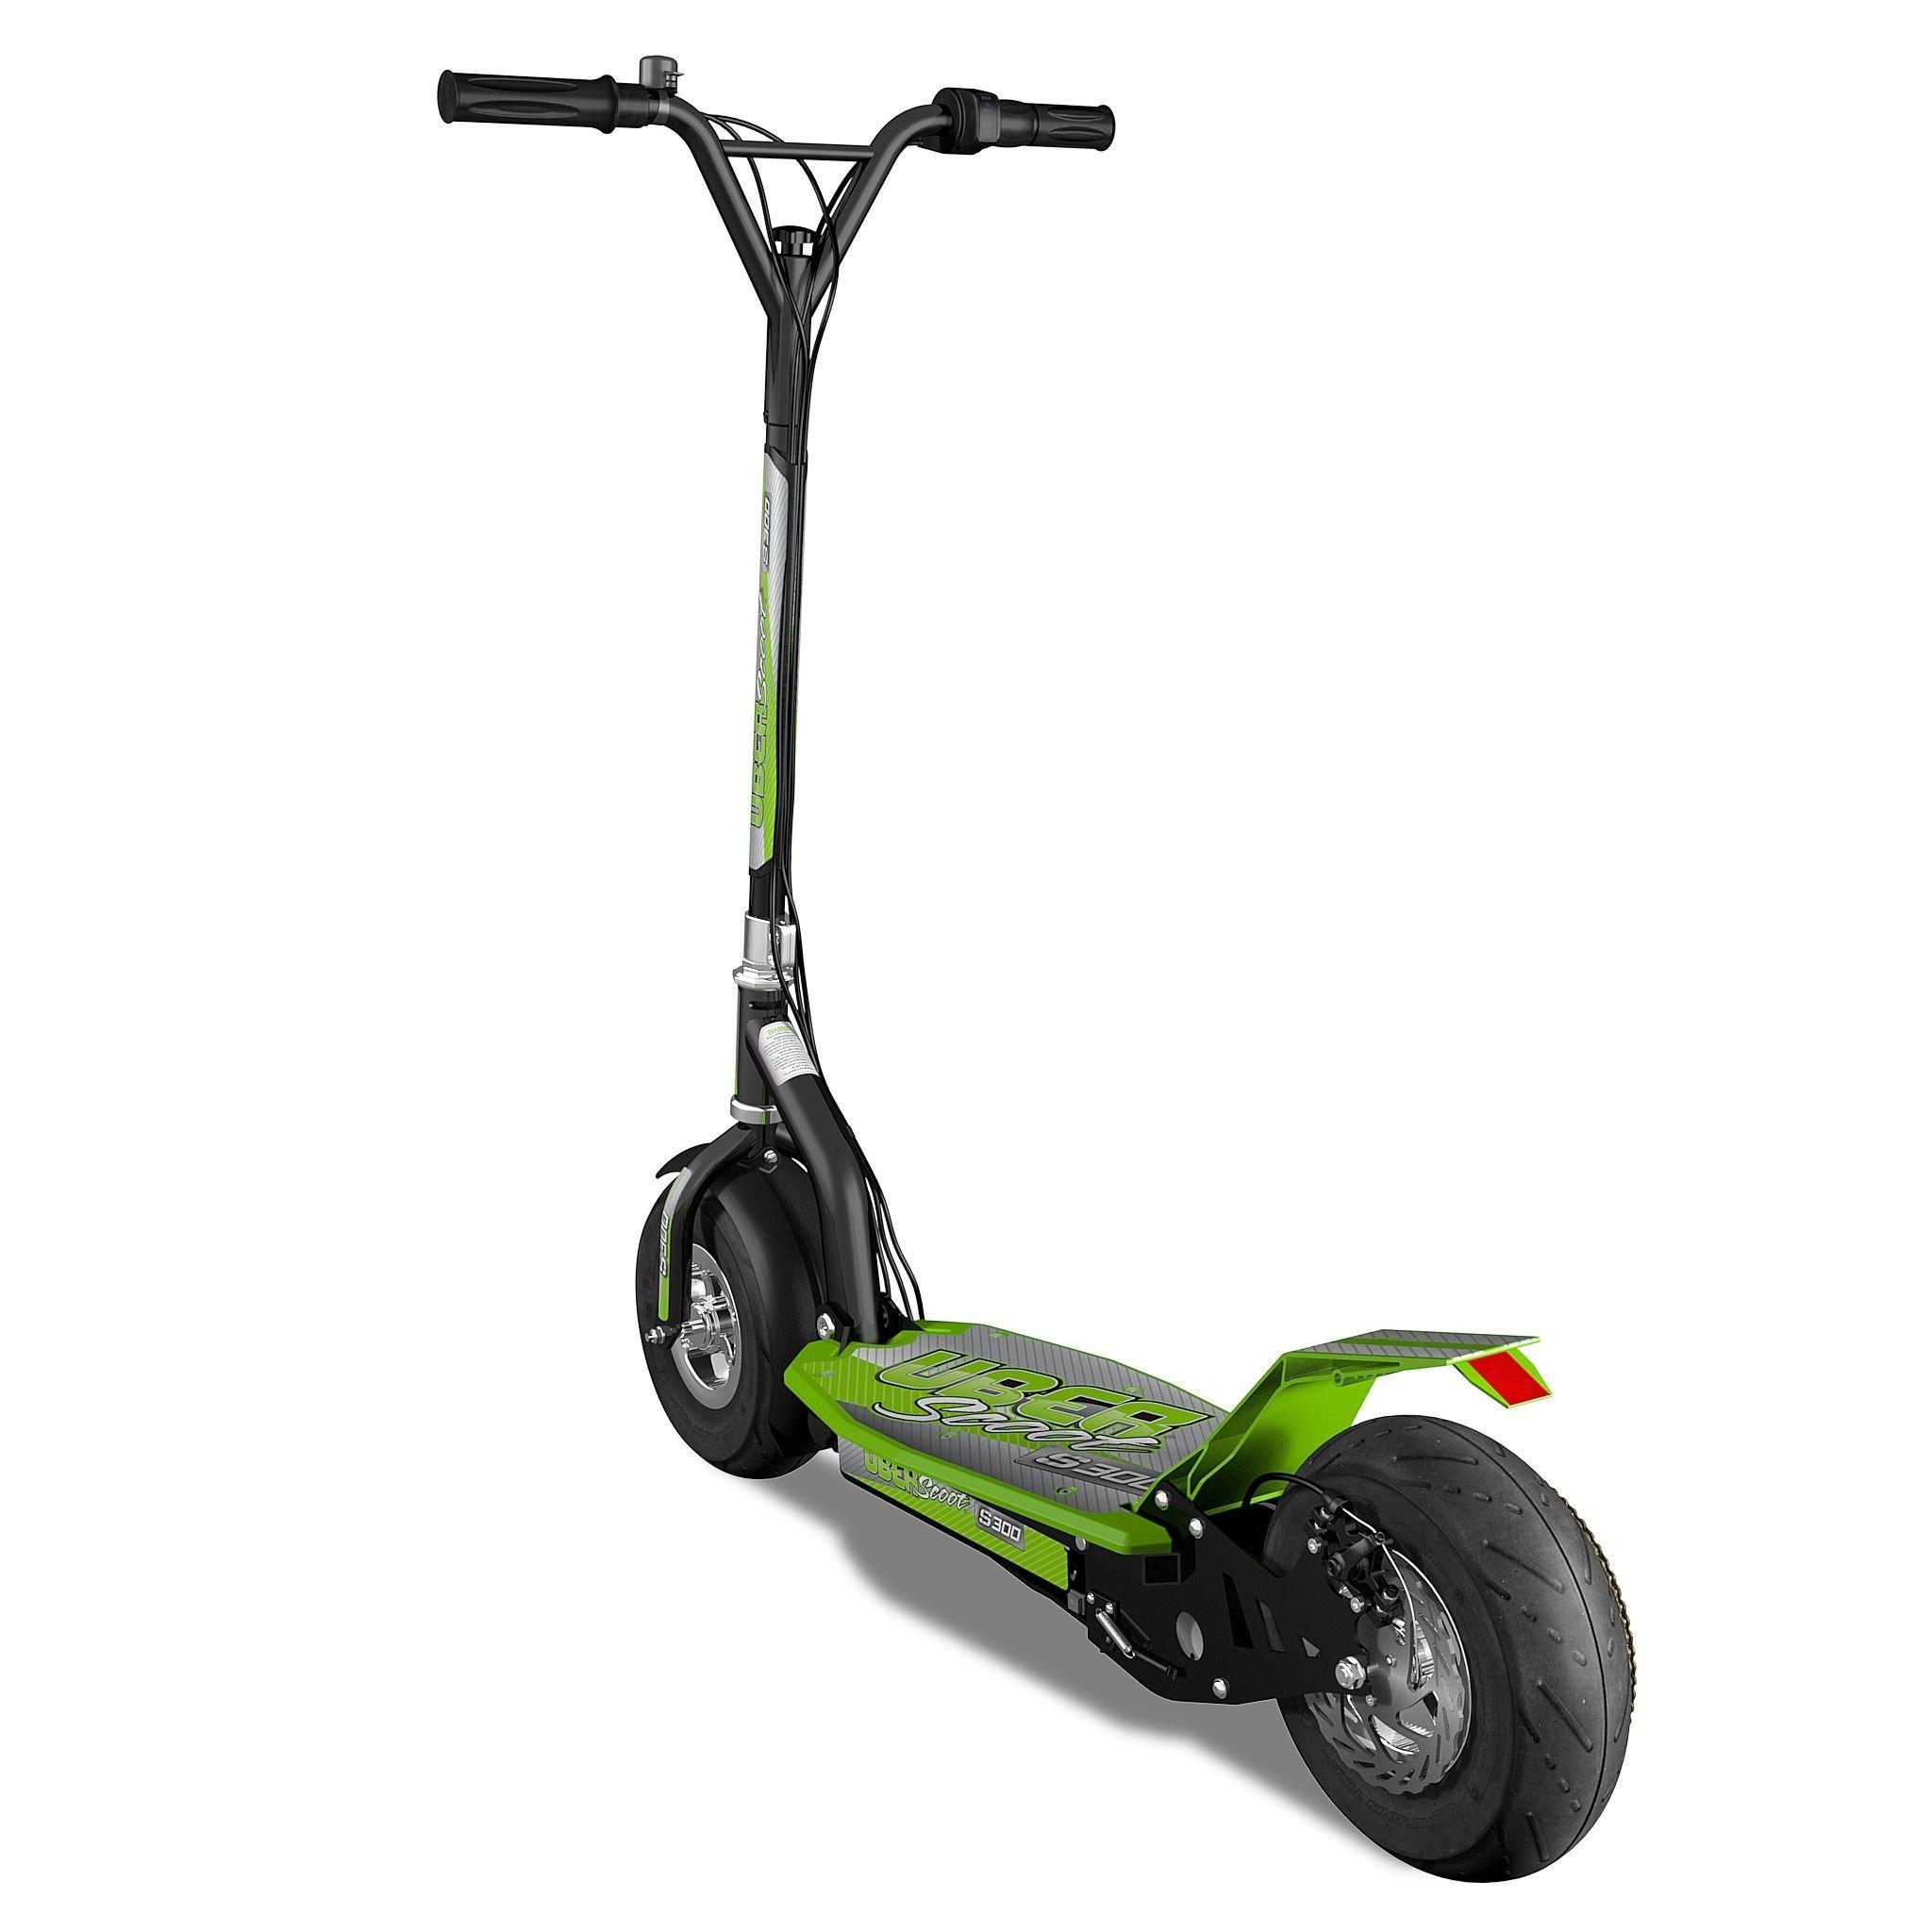 S300 Trottinette électrique verte et noire